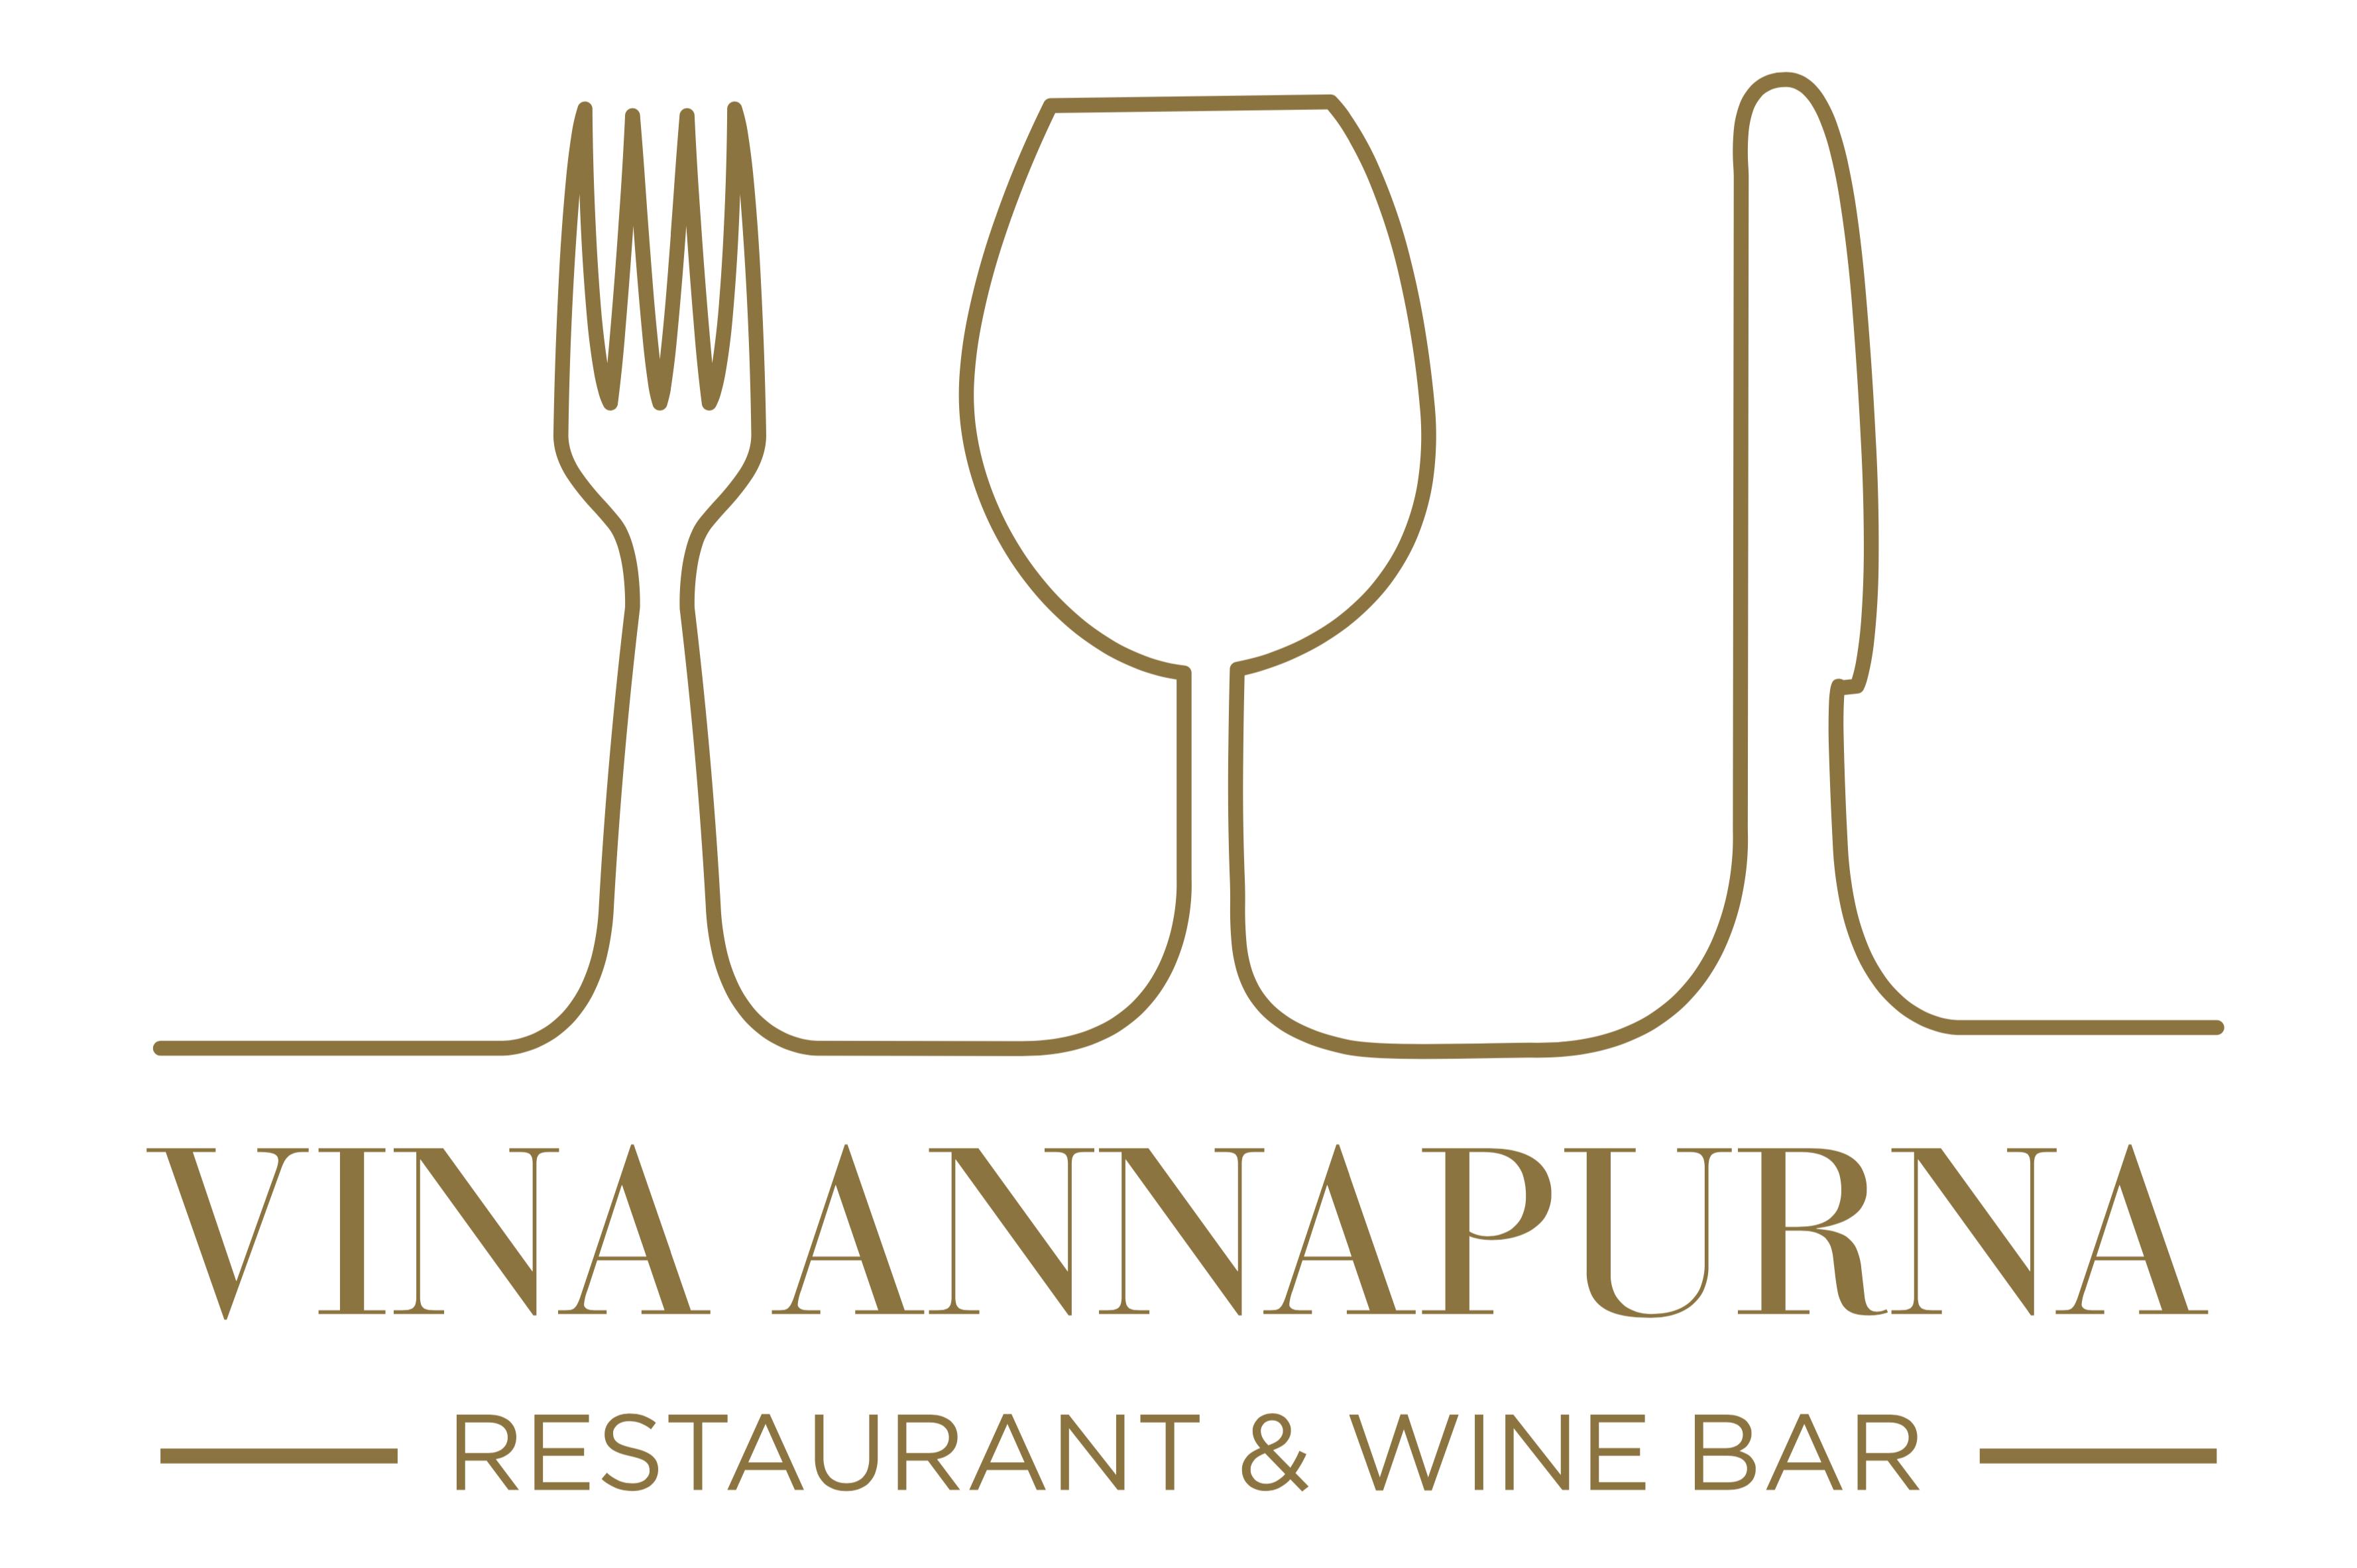 Vina Annapurna